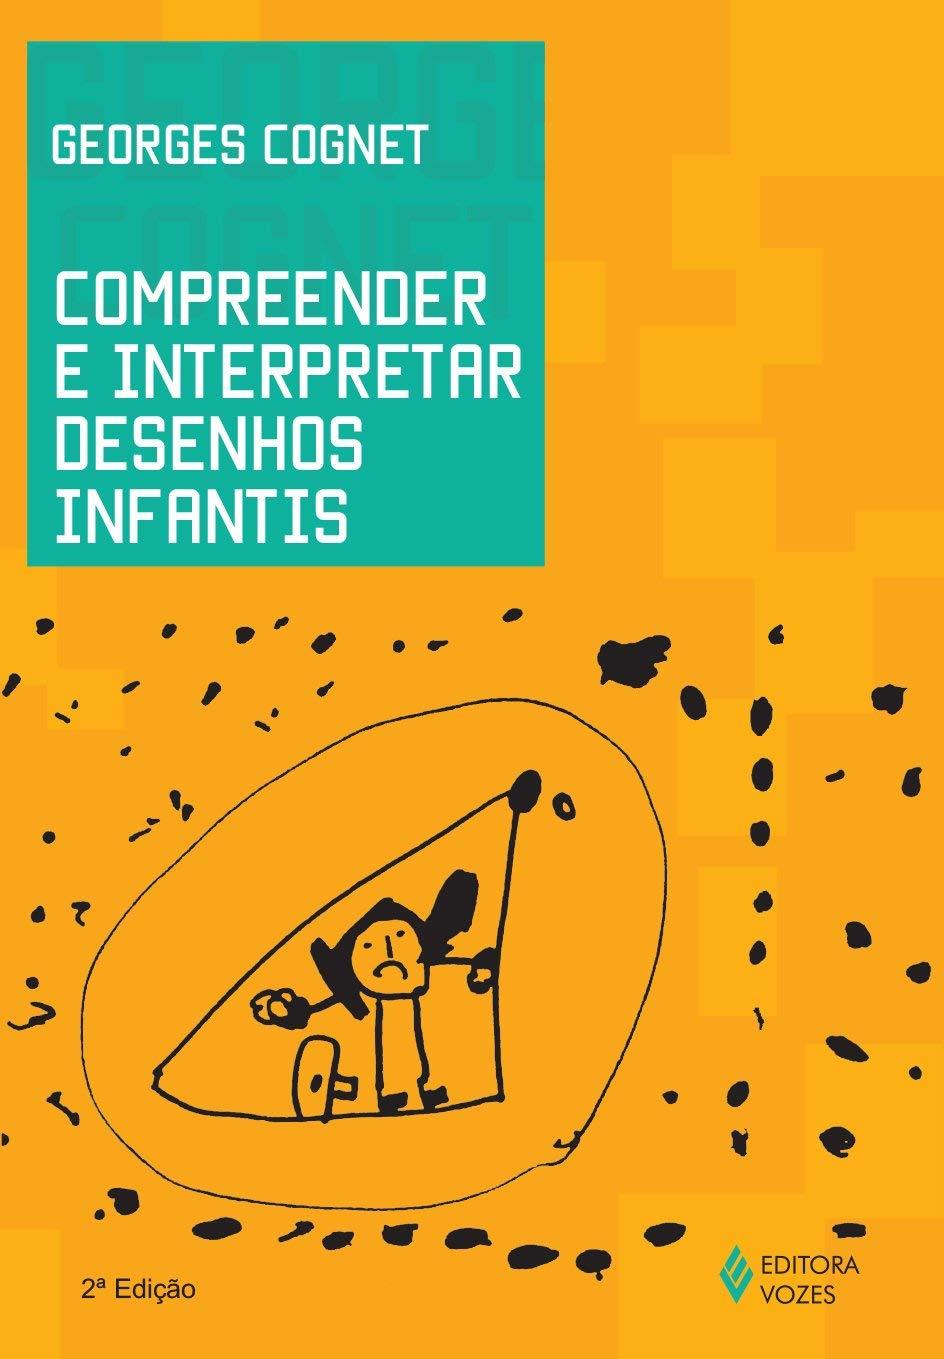 Compreender E Interpretar Desenhos Infantis Georges Cognet